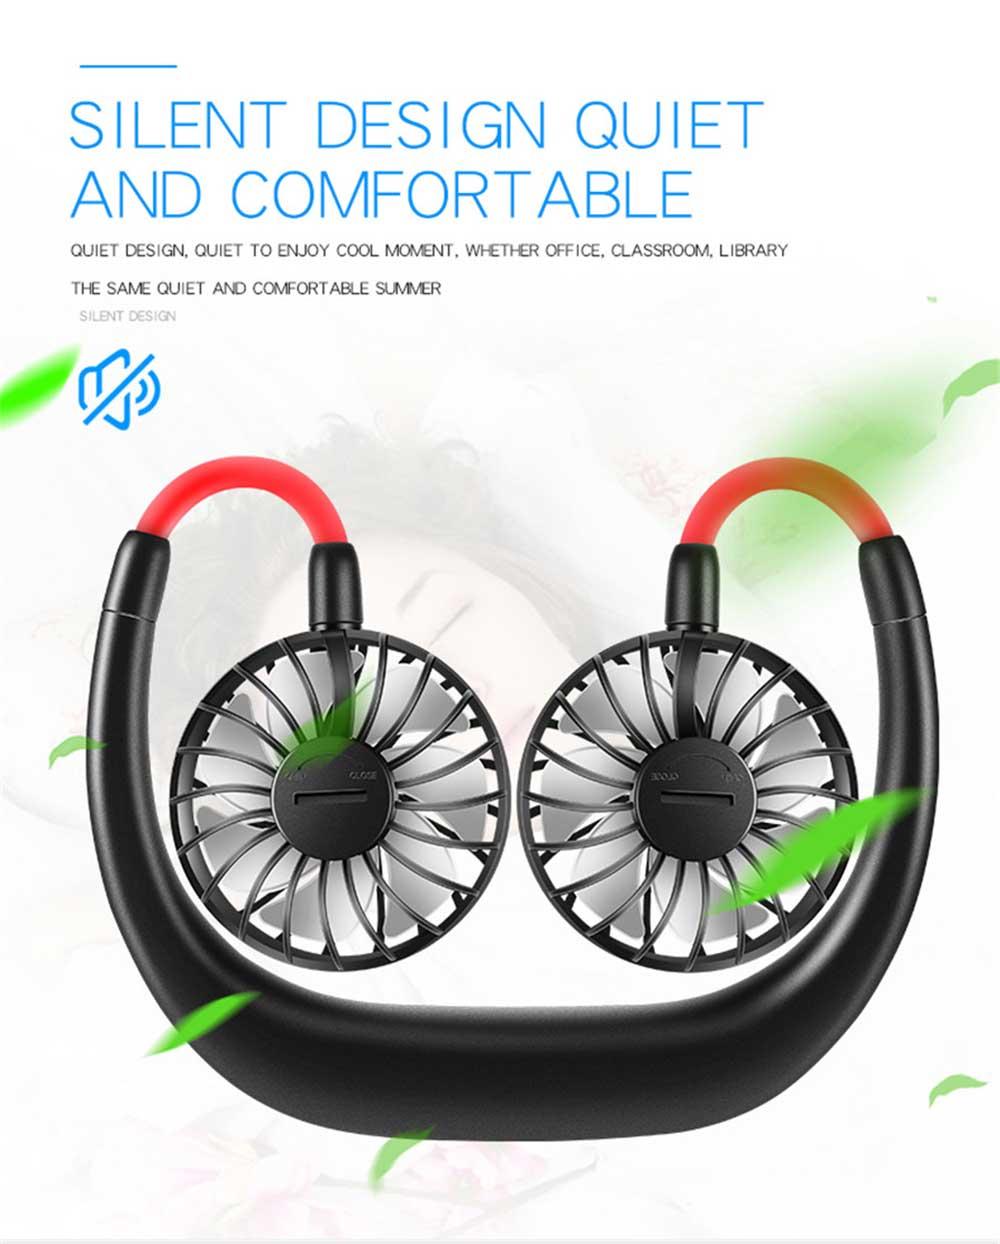 Mini Usb Neck Fan Neckband Small Desk Fan Handheld Wearable Rechargeable Air Cooling Fan 6